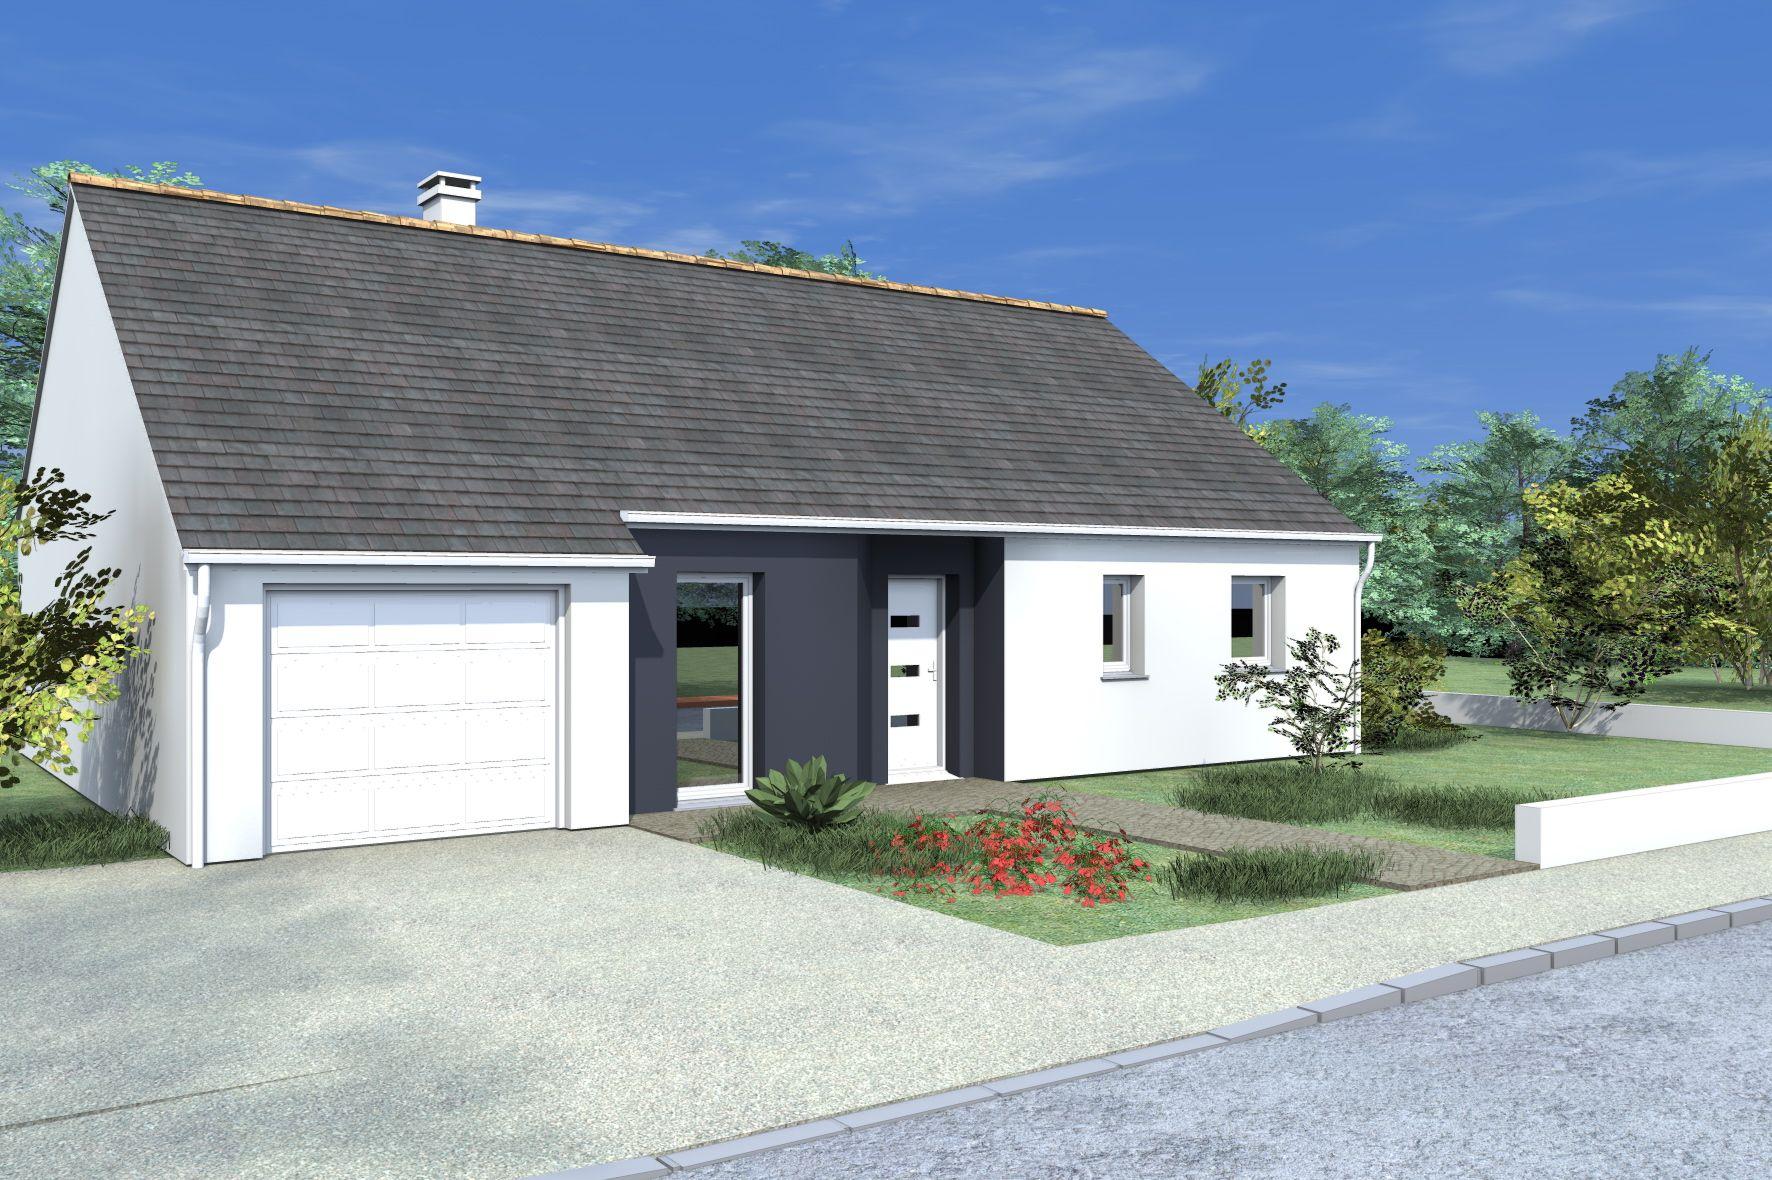 Ide maison plain pied great affordable charmant plan de - Maison plain pied deco orientale palm springs ...